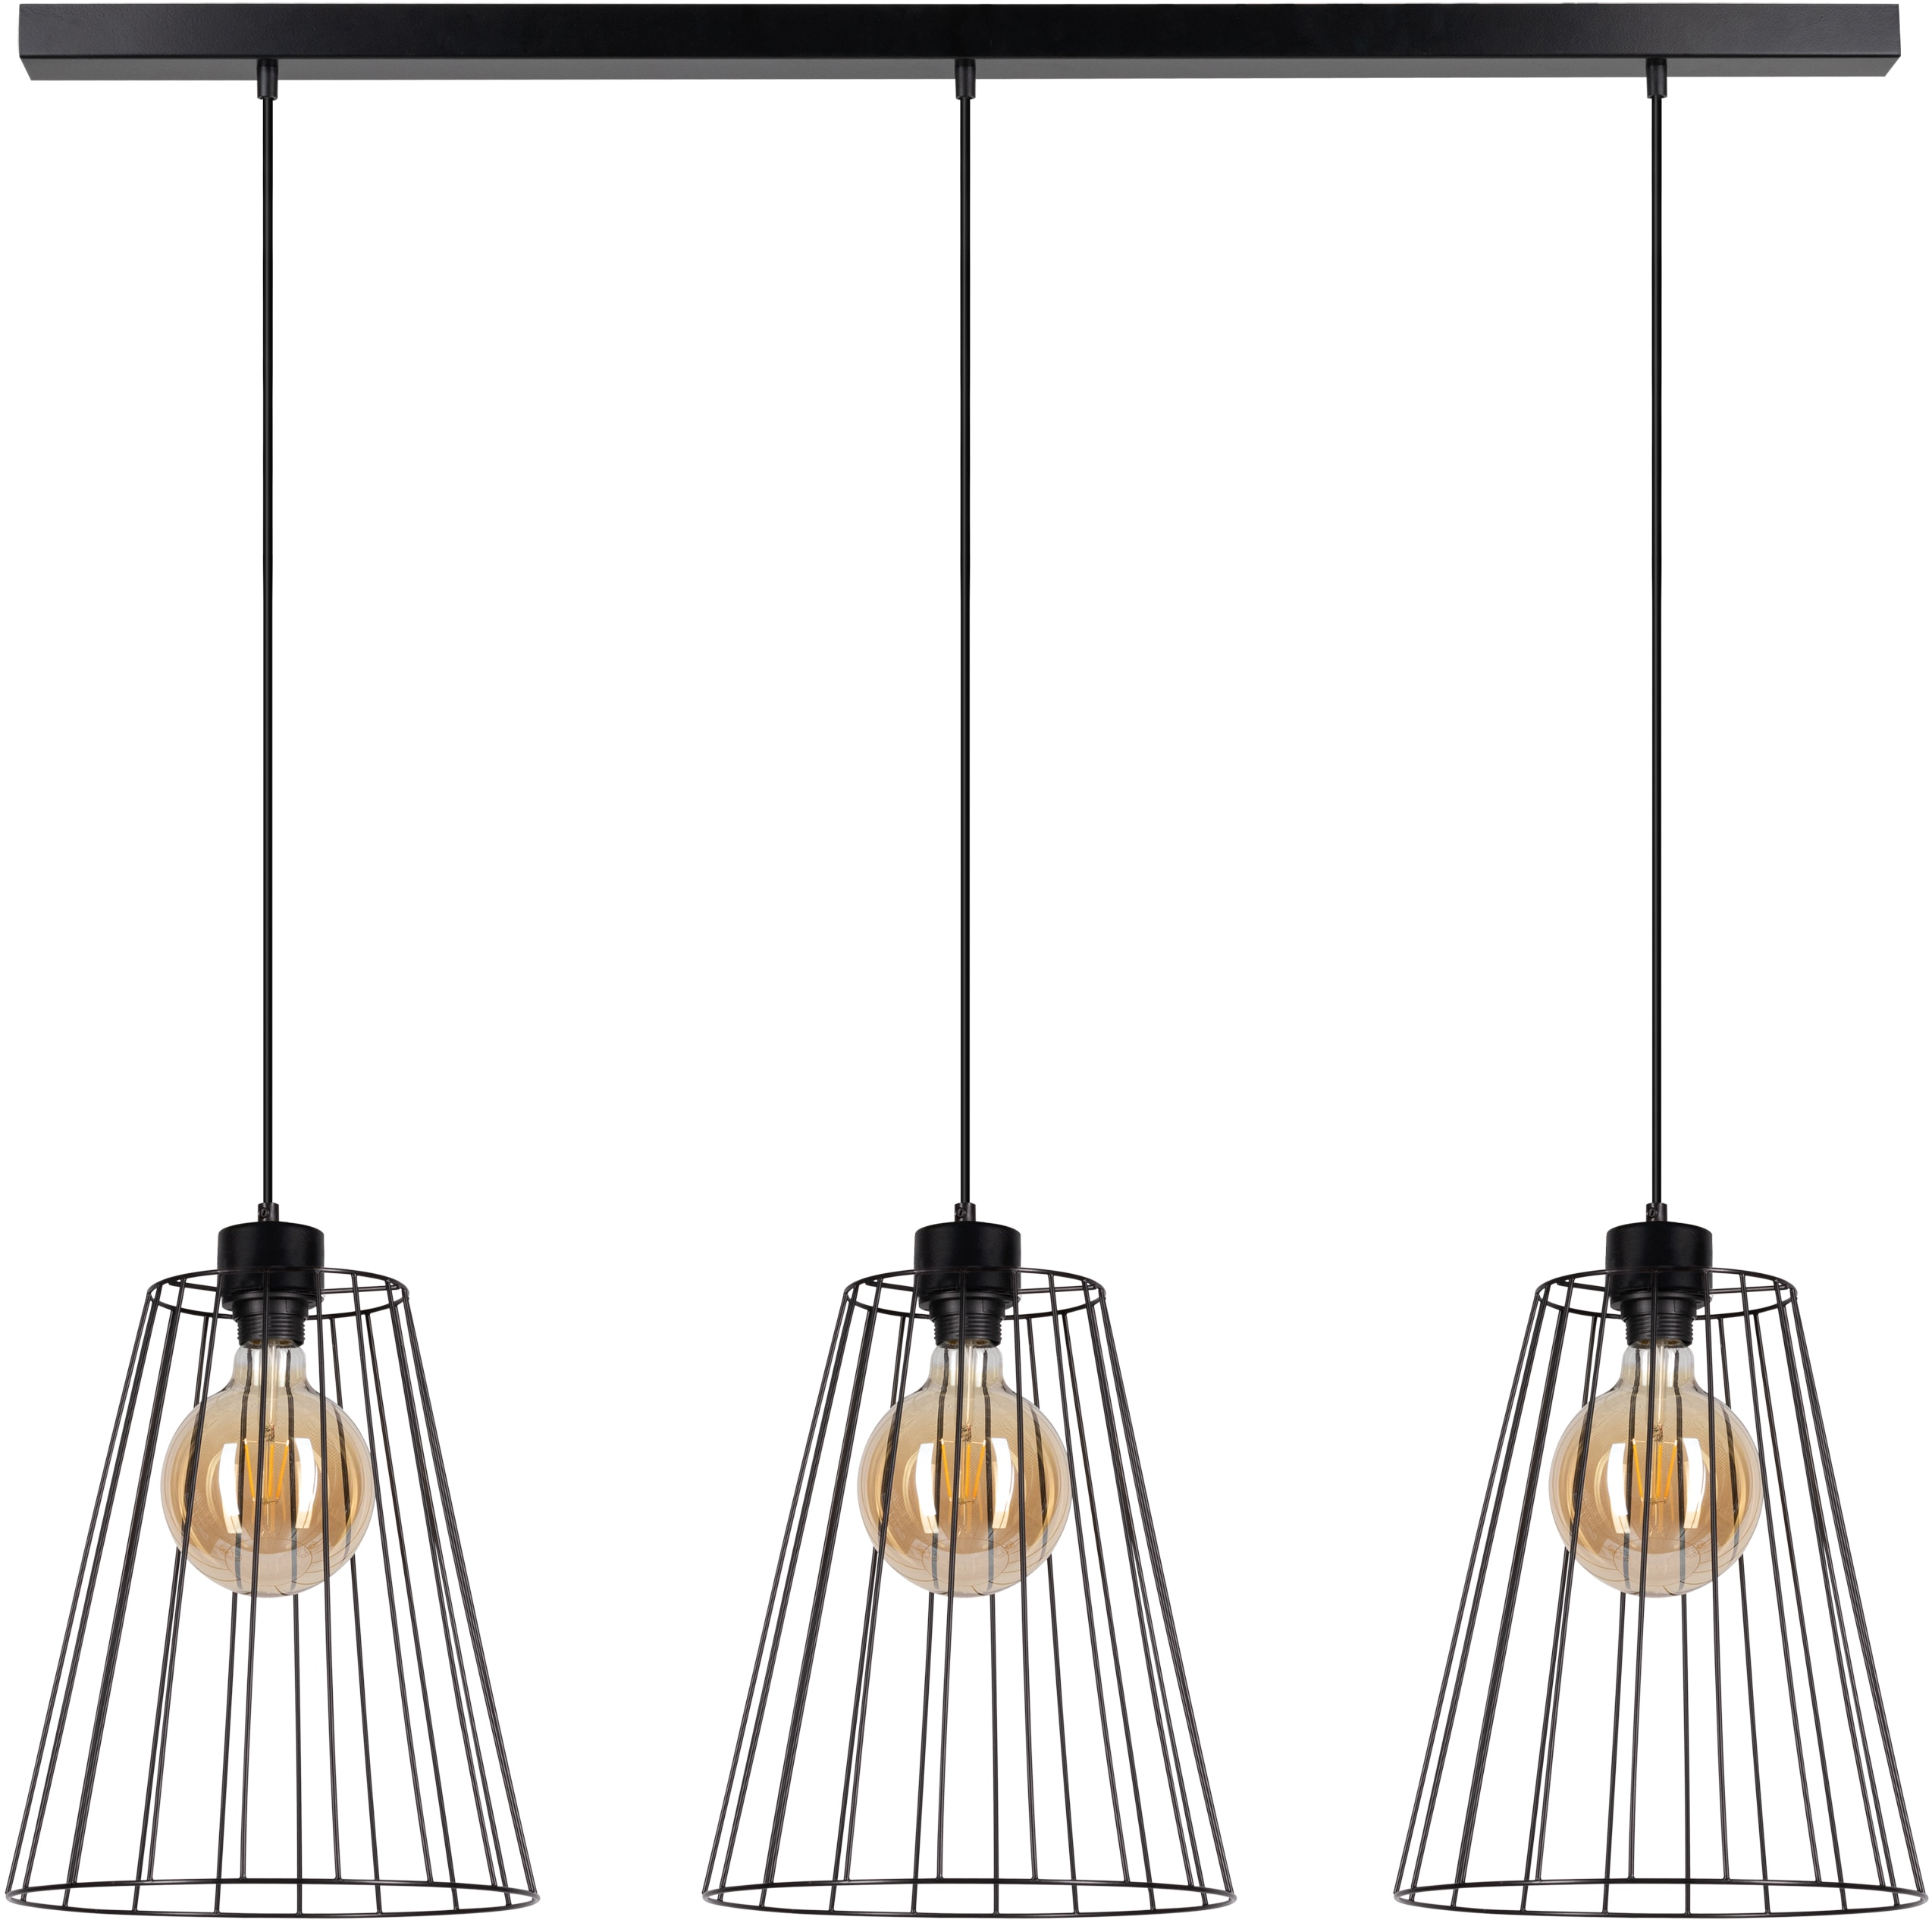 BRITOP LIGHTING Hängeleuchte Swan, E27, 1 St., Dekorative Leuchte aus Metall, passende LM E27 / exklusive, Made in Europe